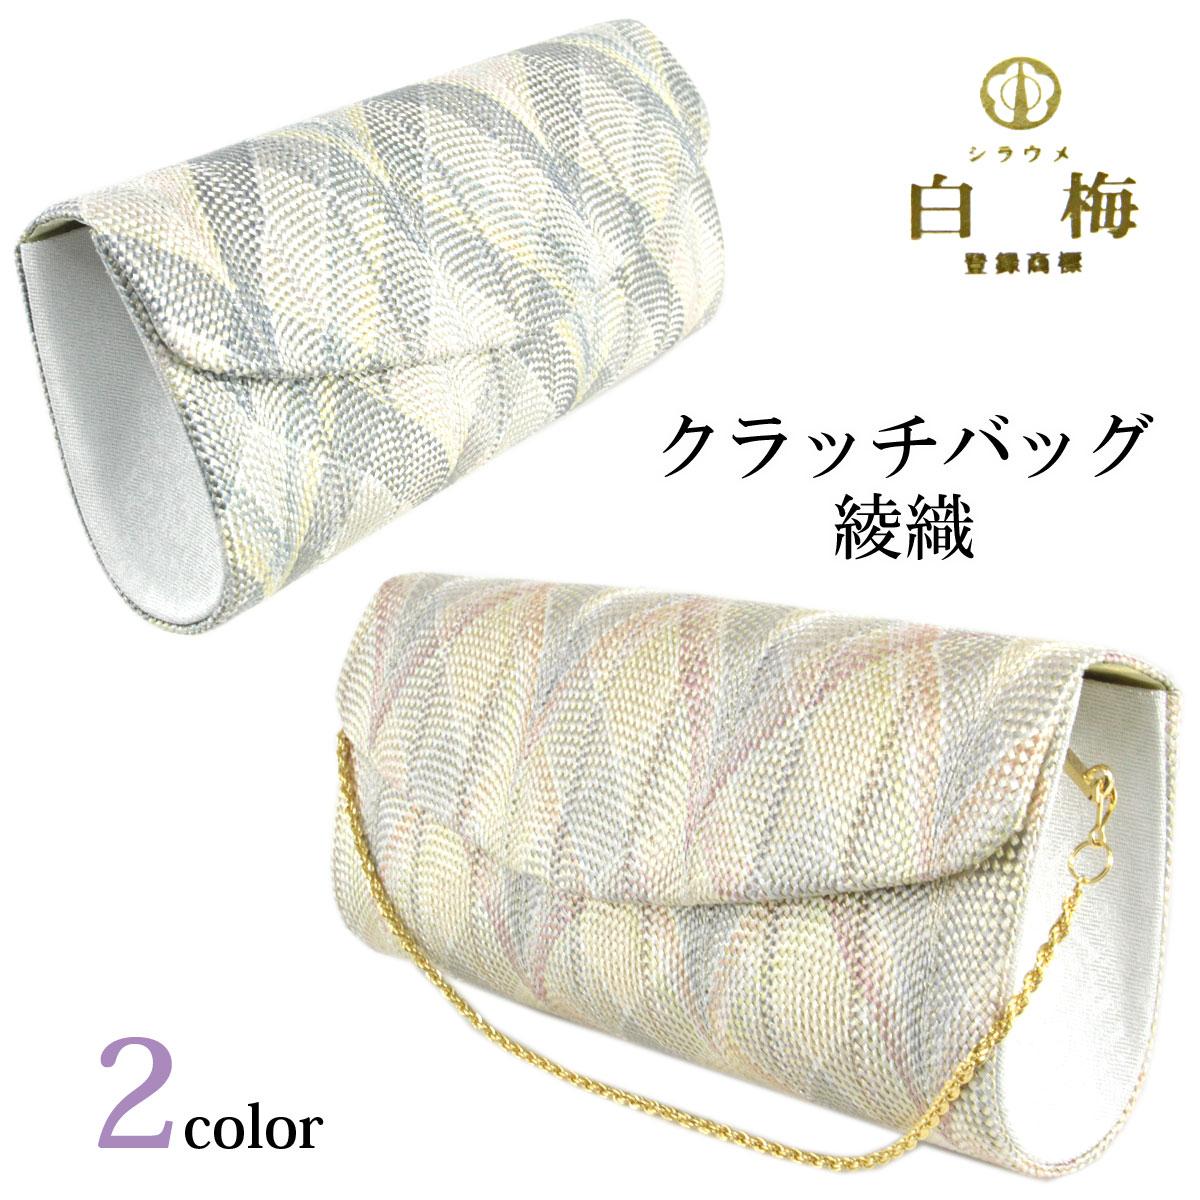 和装バッグ セカンドバッグ フォーマルバッグ 返品交換不可 女性用 日本製 白梅 評価 クラッチバッグ 綾織 手提げ付き -2- レディース